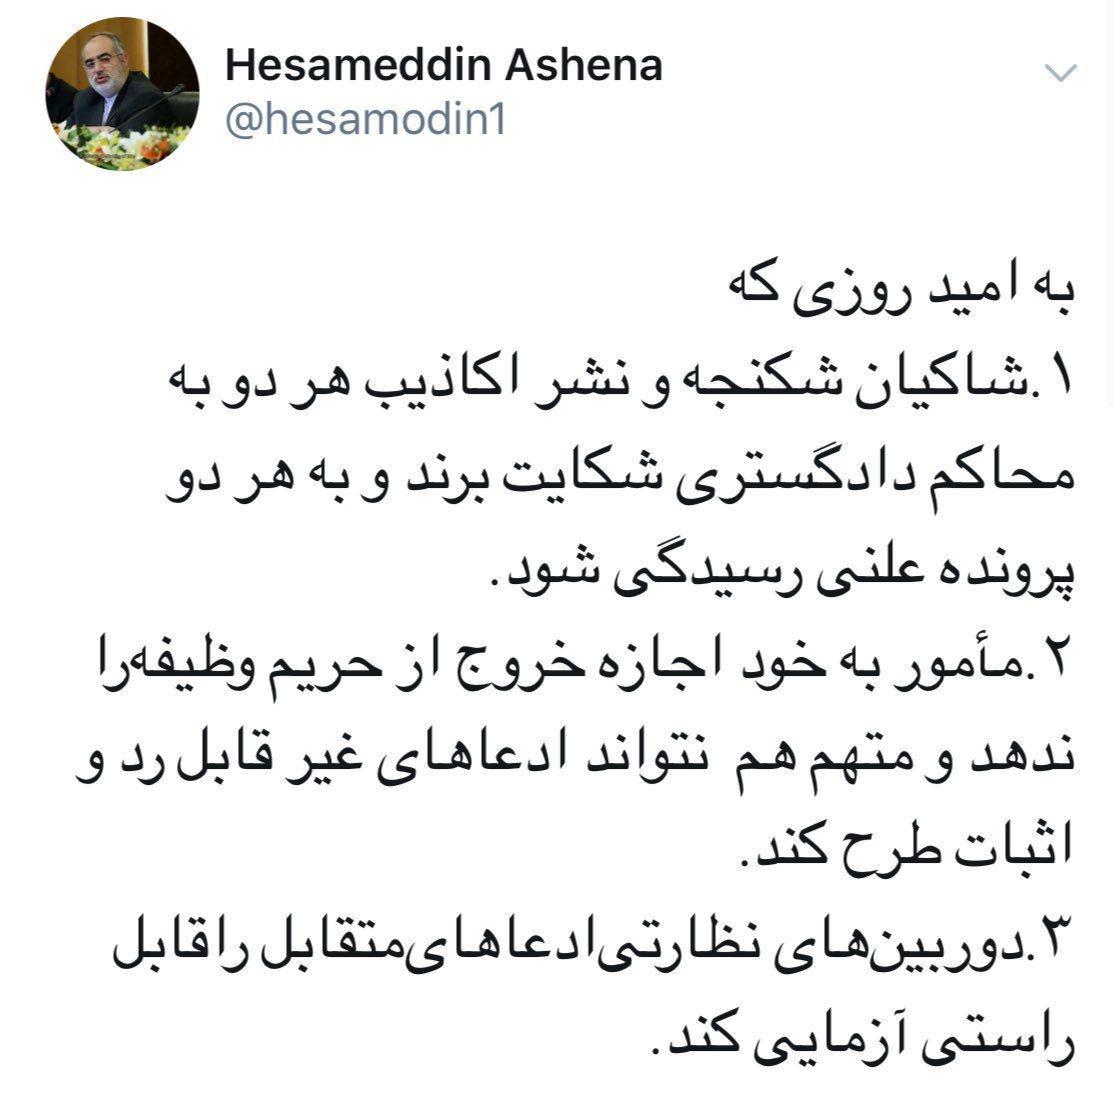 حسامالدین آشنا (مشاور رئیسجمهور) در اکانت توئیتر خود درباره شکنجه نوشت